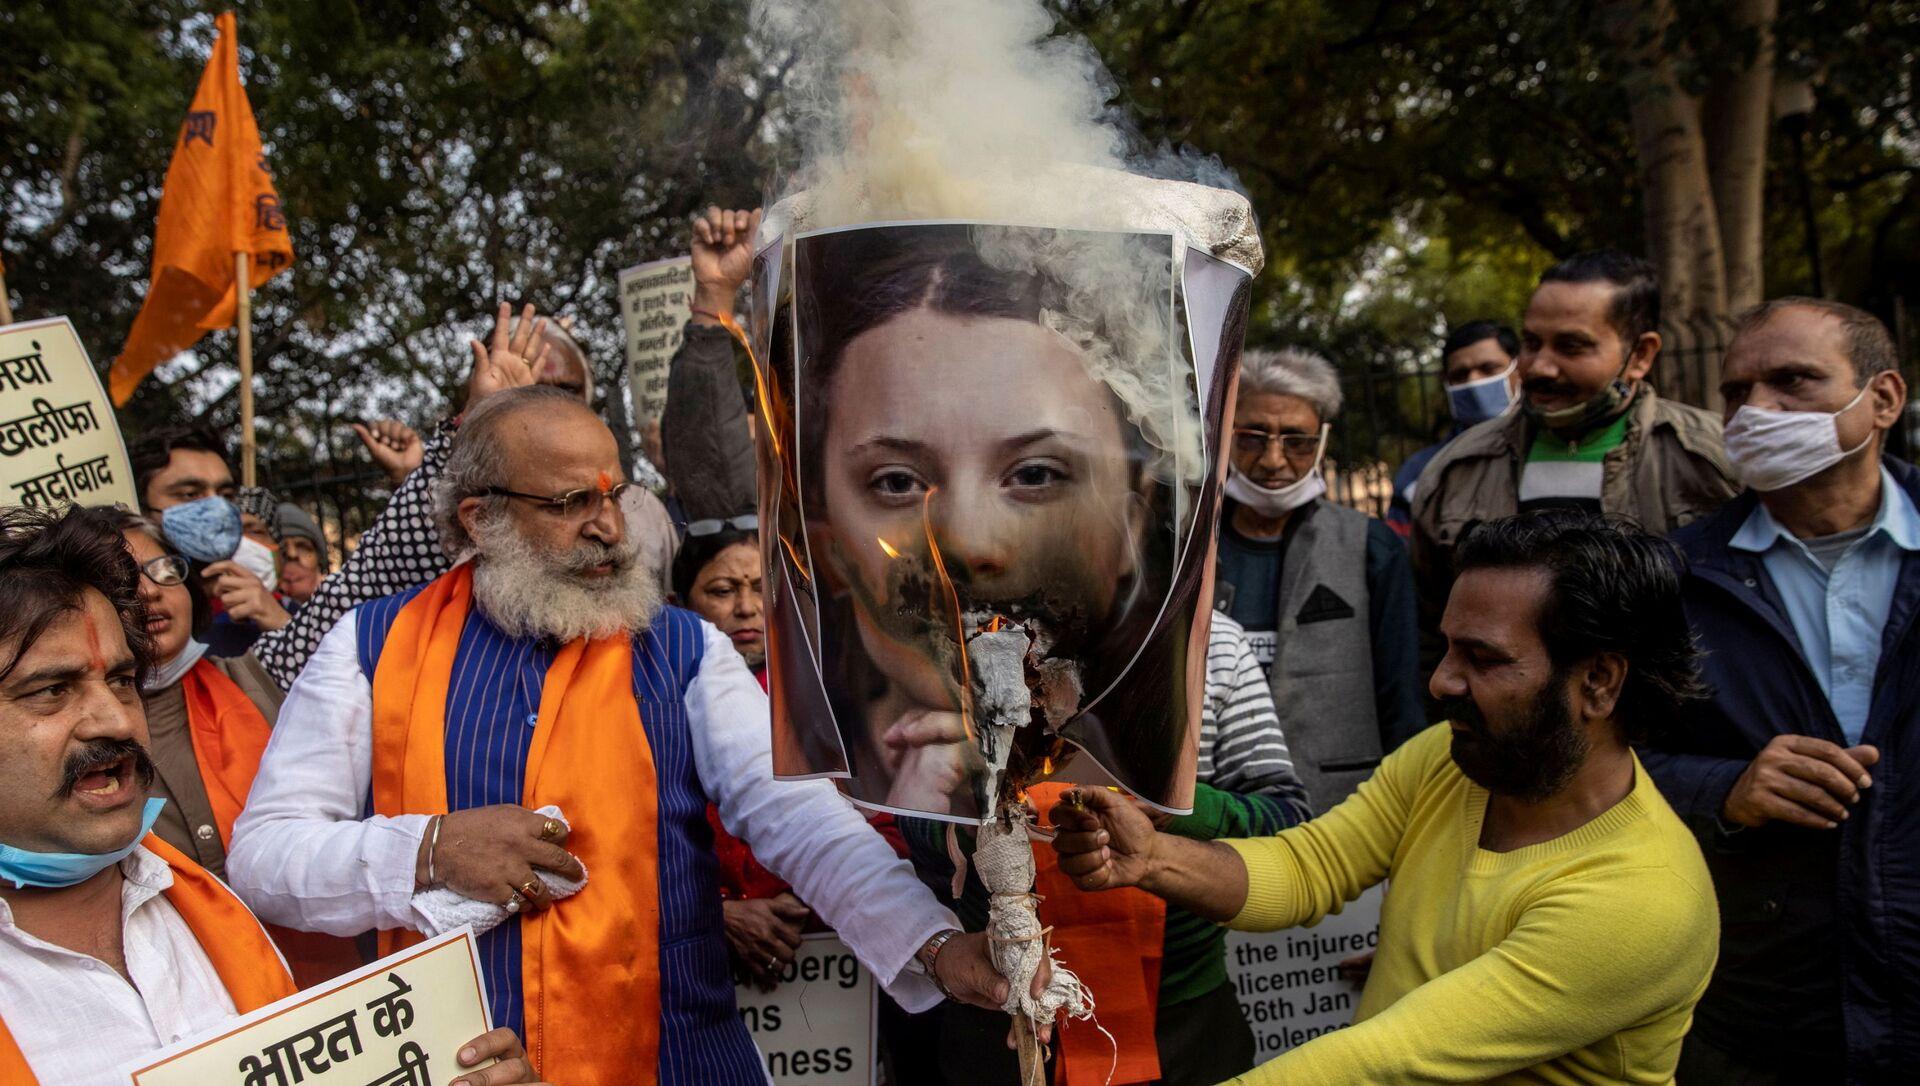 Attivisti dell'United Hindu Front danno alle fiamme il ritratto dell'attivista ambientale svedese Greta Thunberg - Sputnik Italia, 1920, 05.02.2021